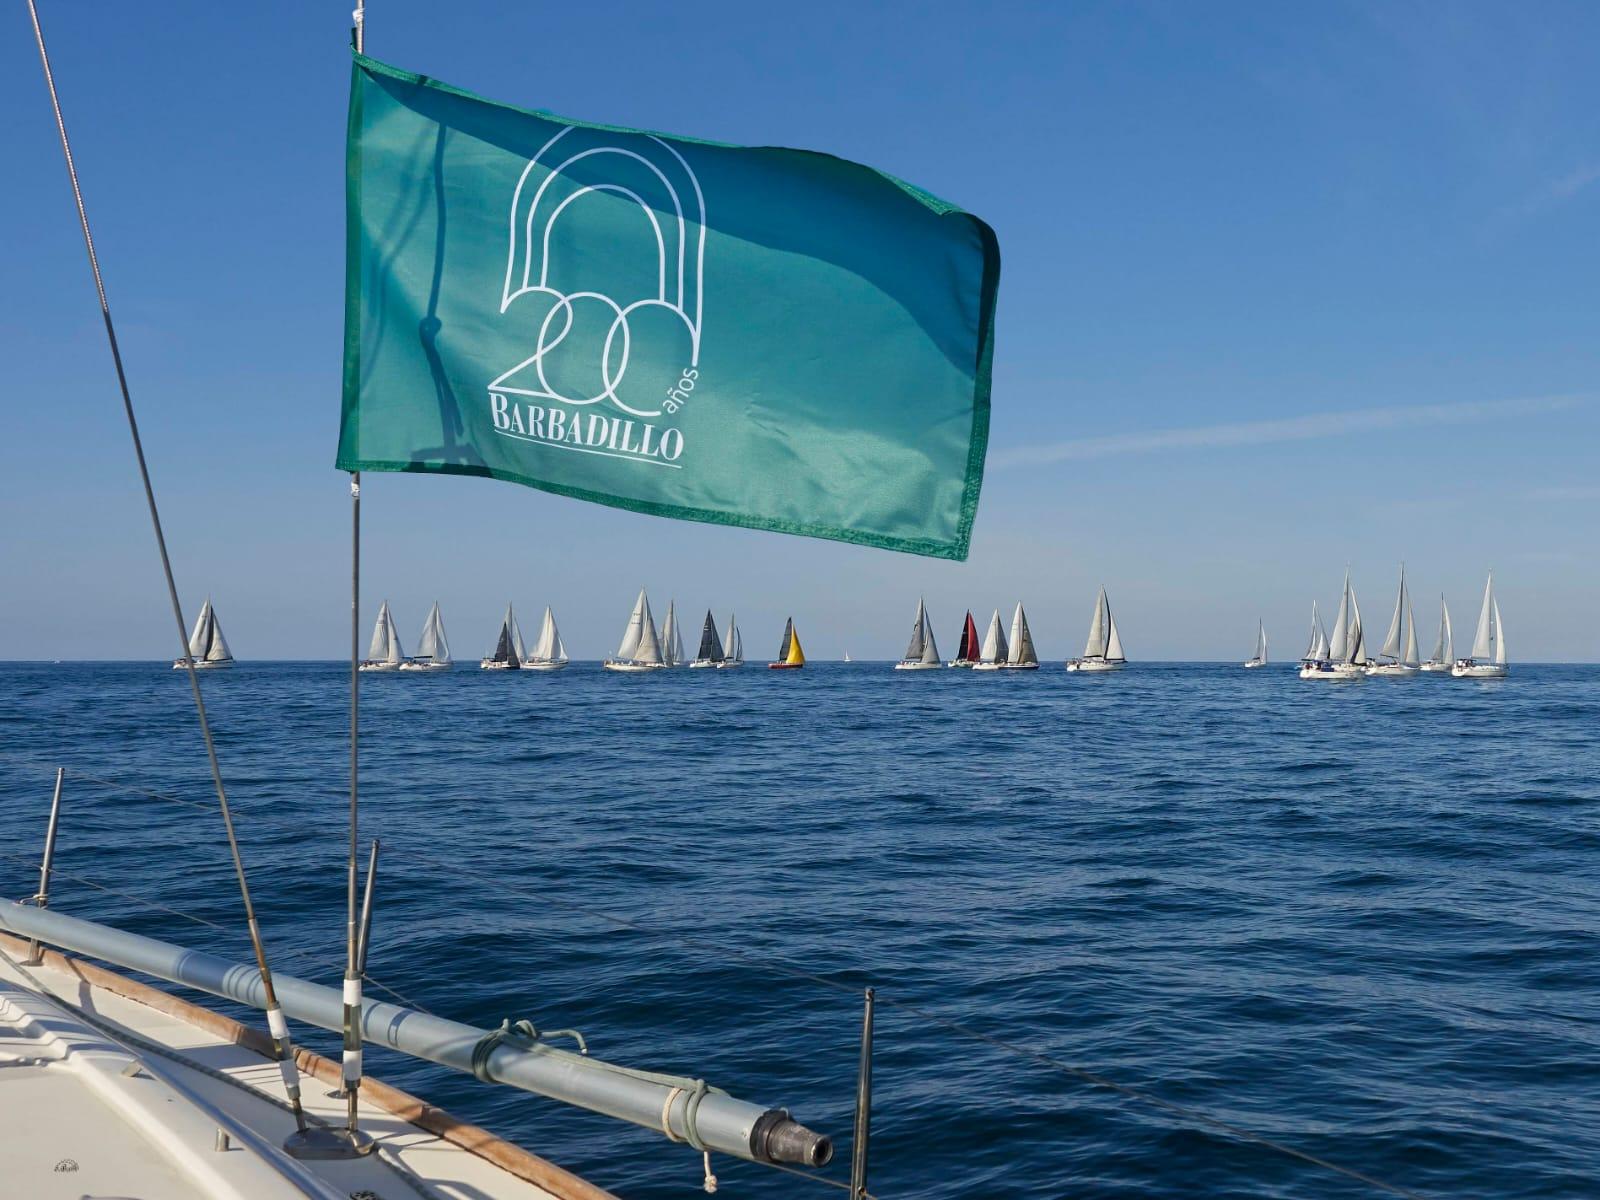 El barco Leiden gana el Trofeo Bicentenario Barbadillo en la VIII Travesía Almirante Cervera